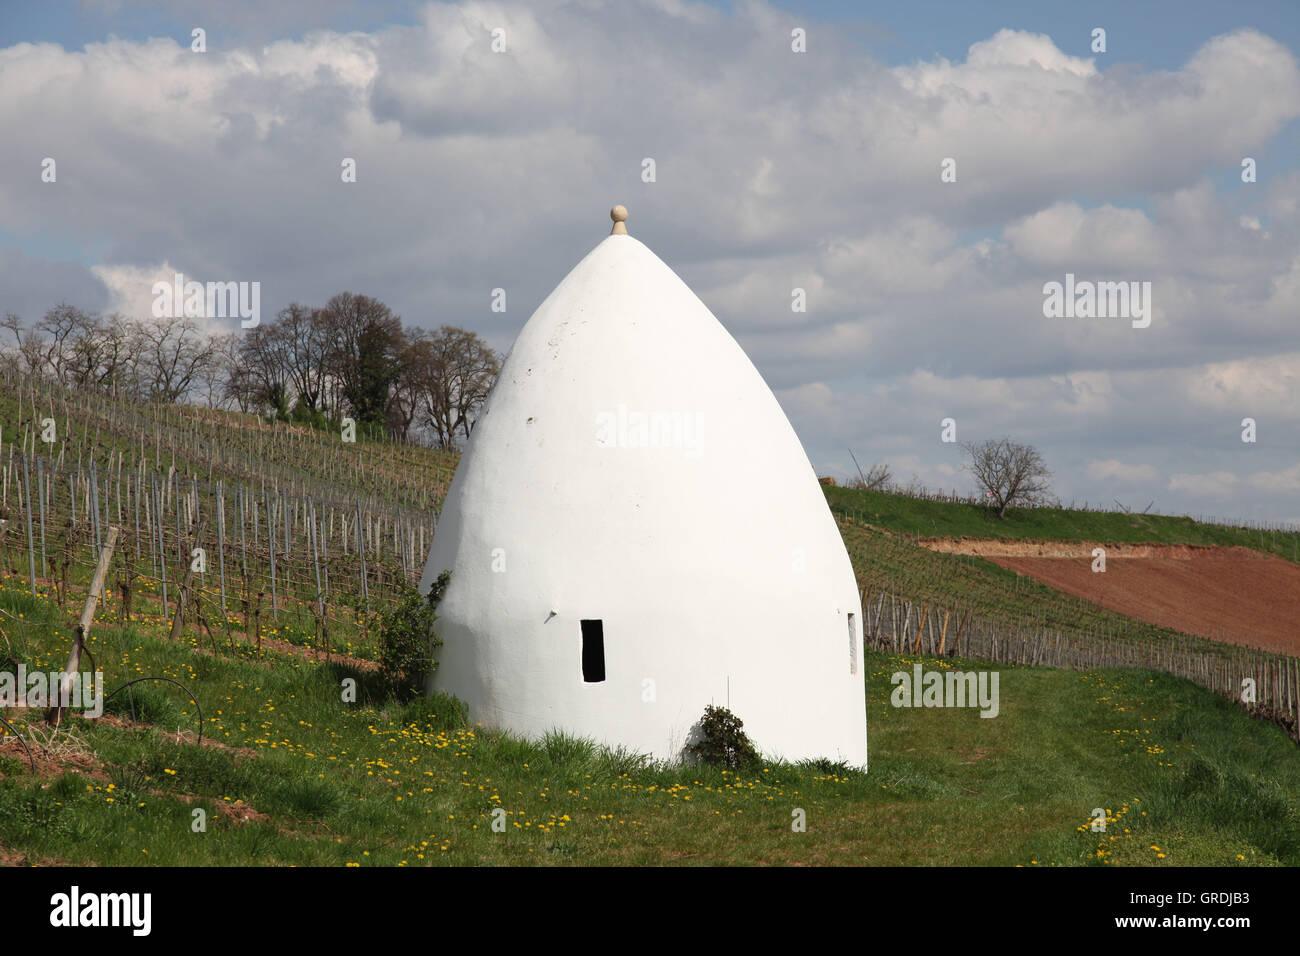 Trullo en los viñedos cerca de Uffhofen Rhinehesse, Alemania Imagen De Stock